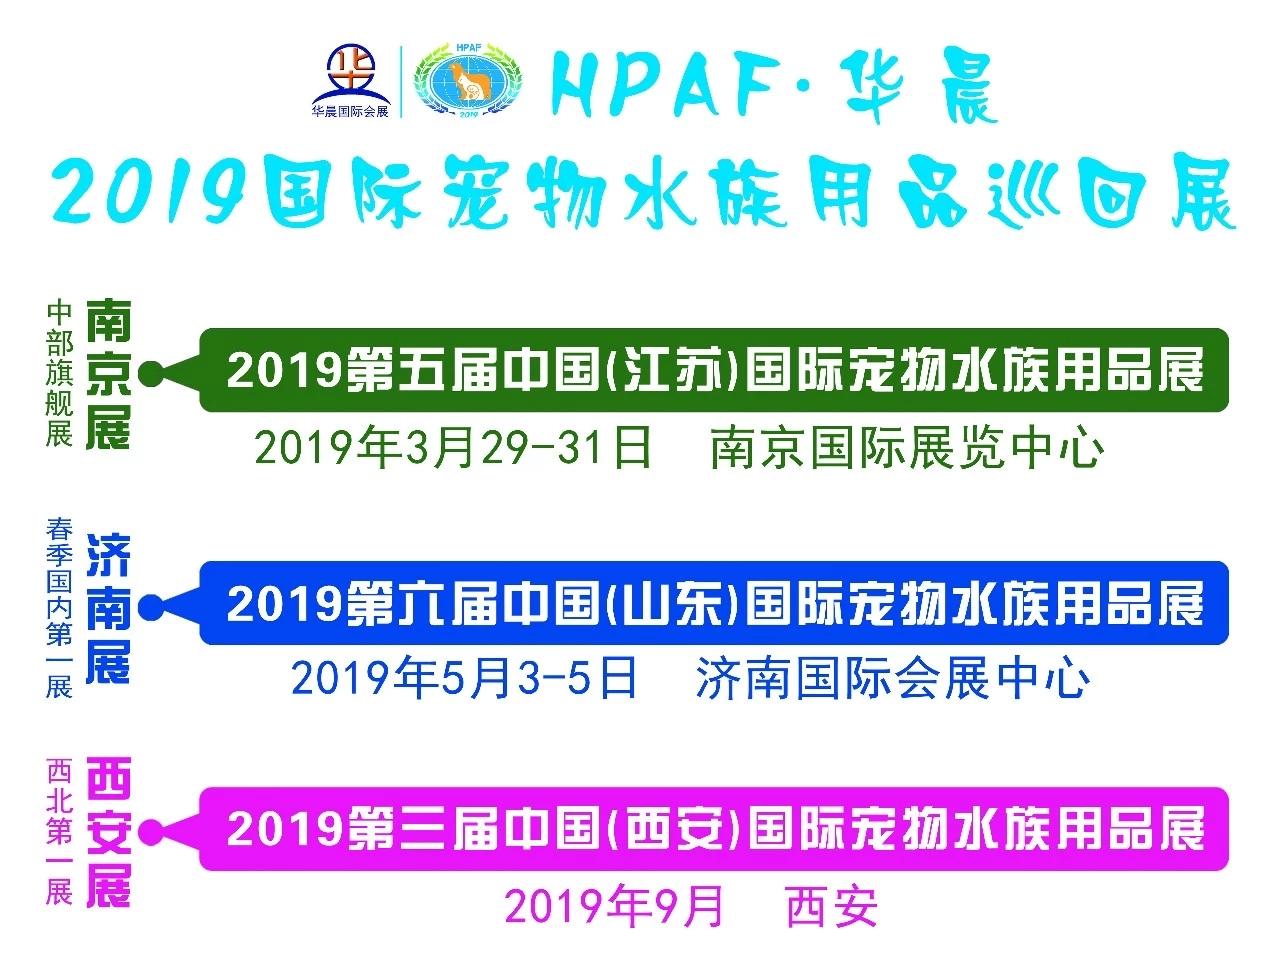 2019年5月山东宠物水族展